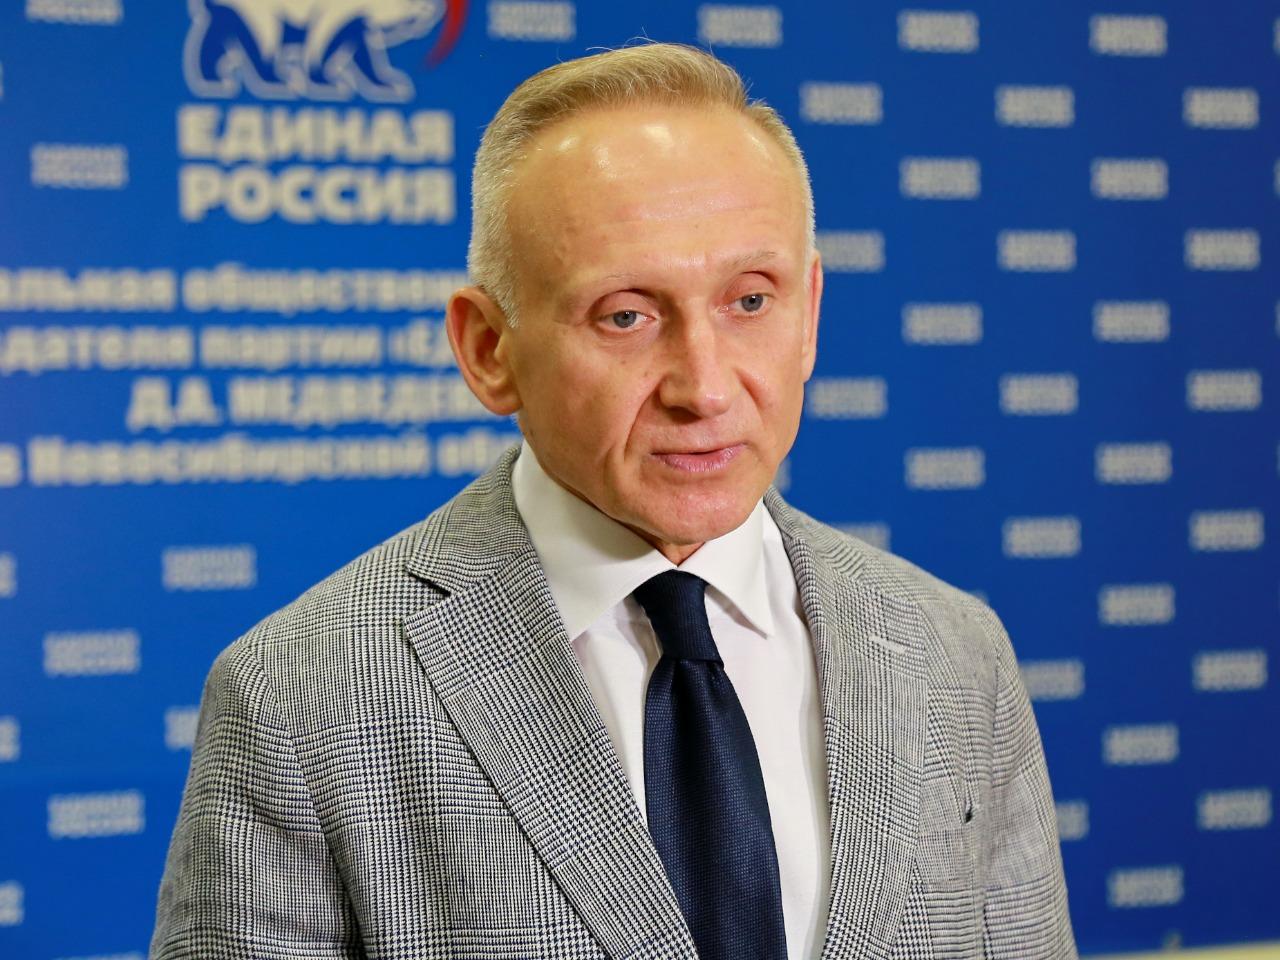 -Новость Панферов сибирский информационный портал 22 Май